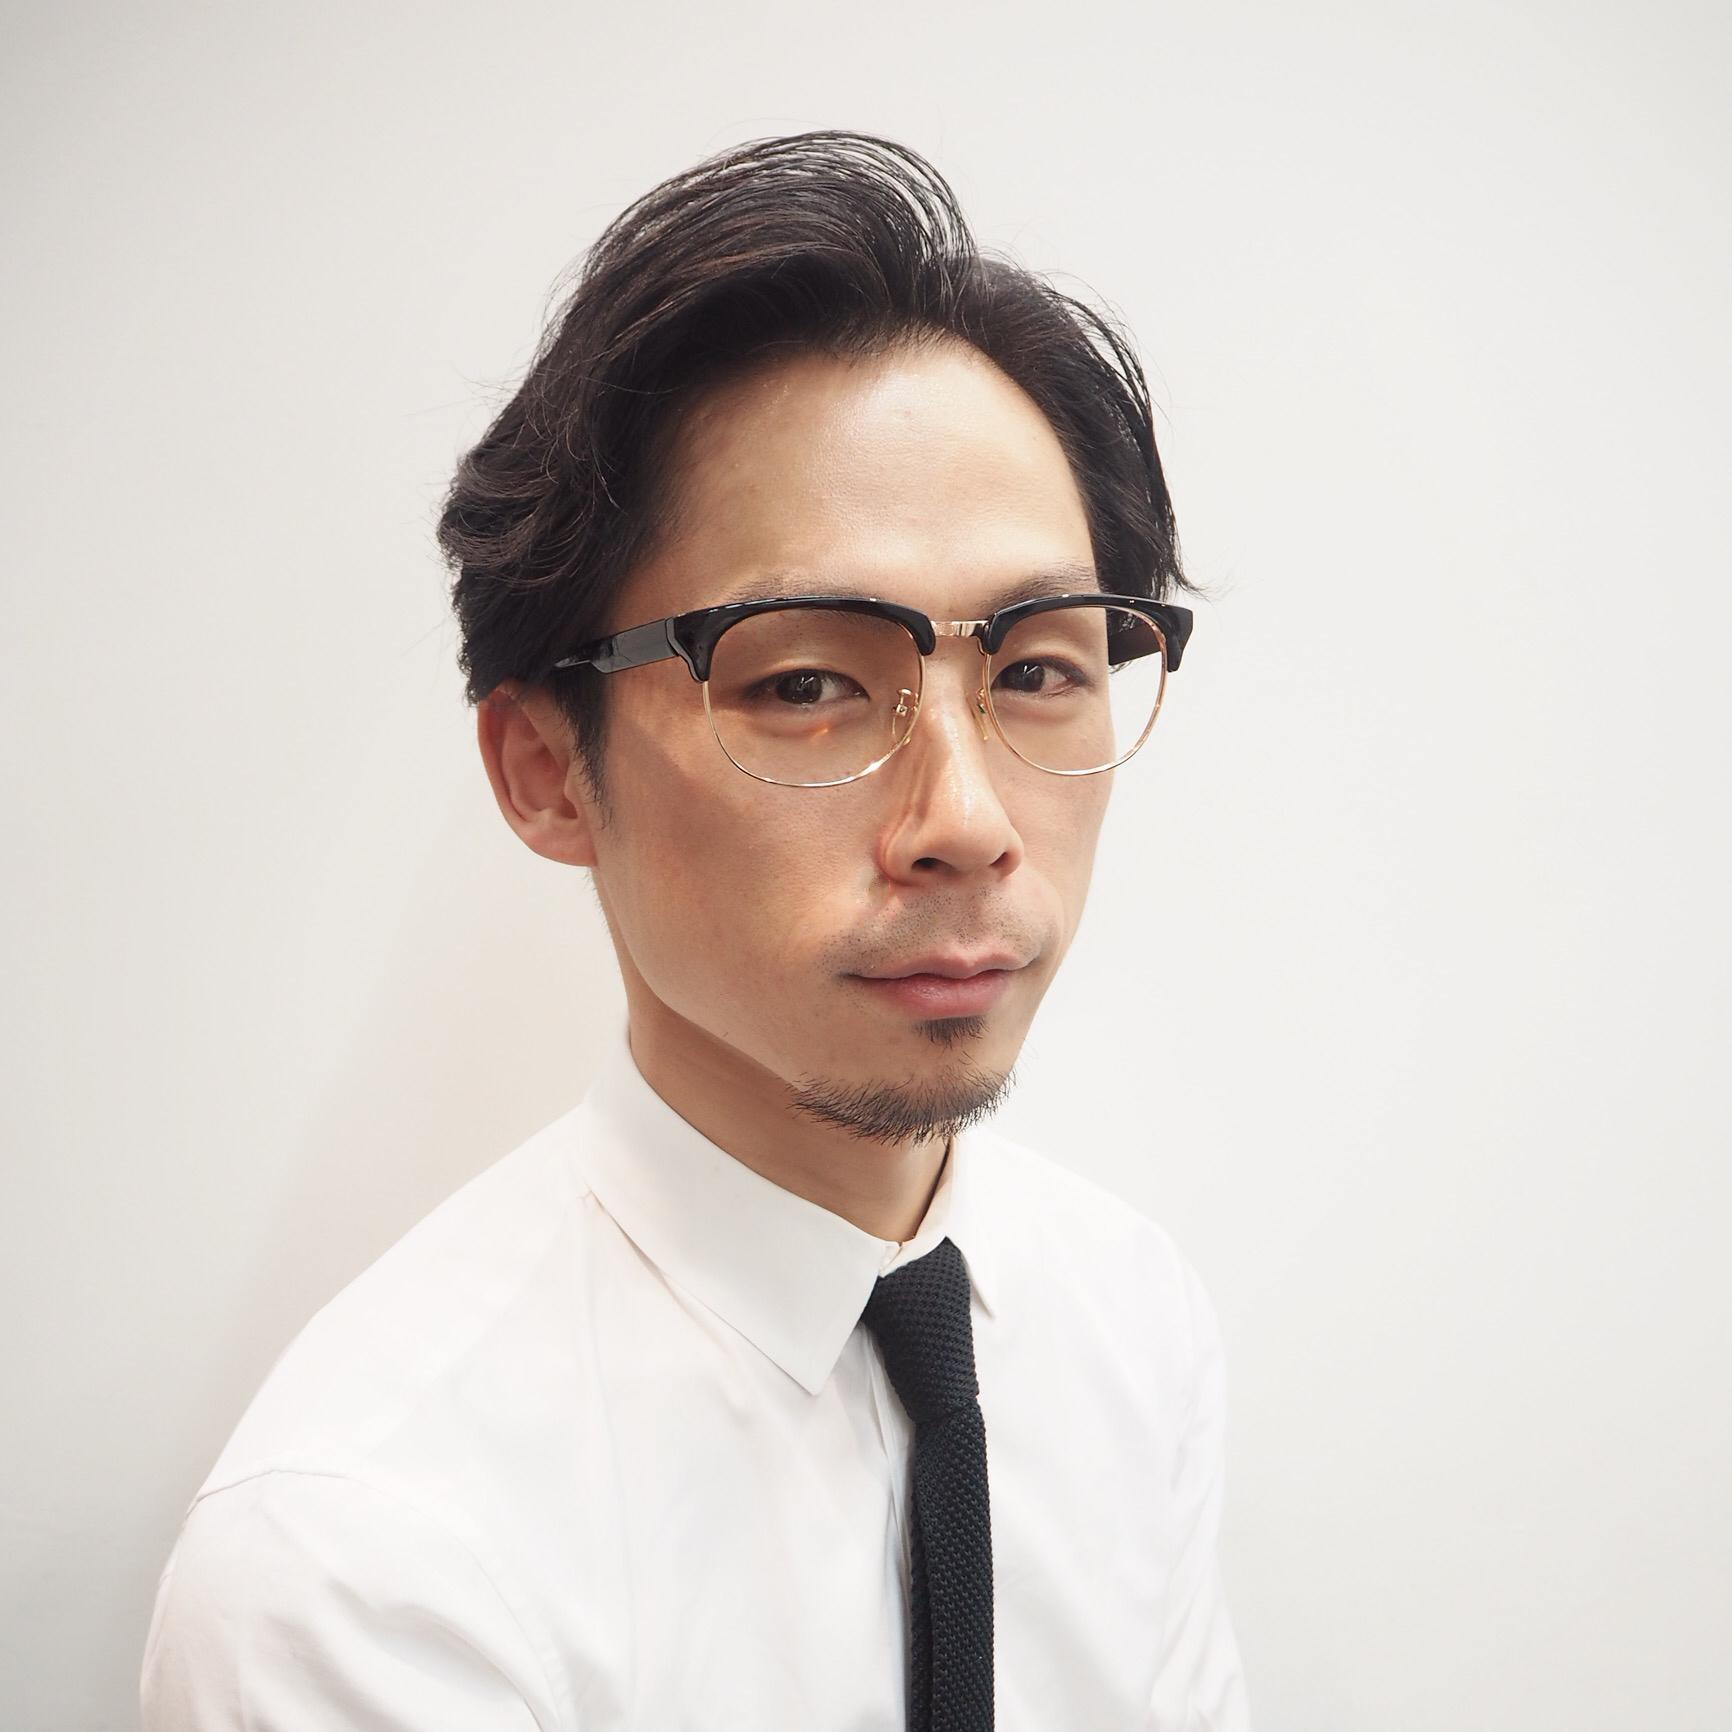 岩田ヒロシ